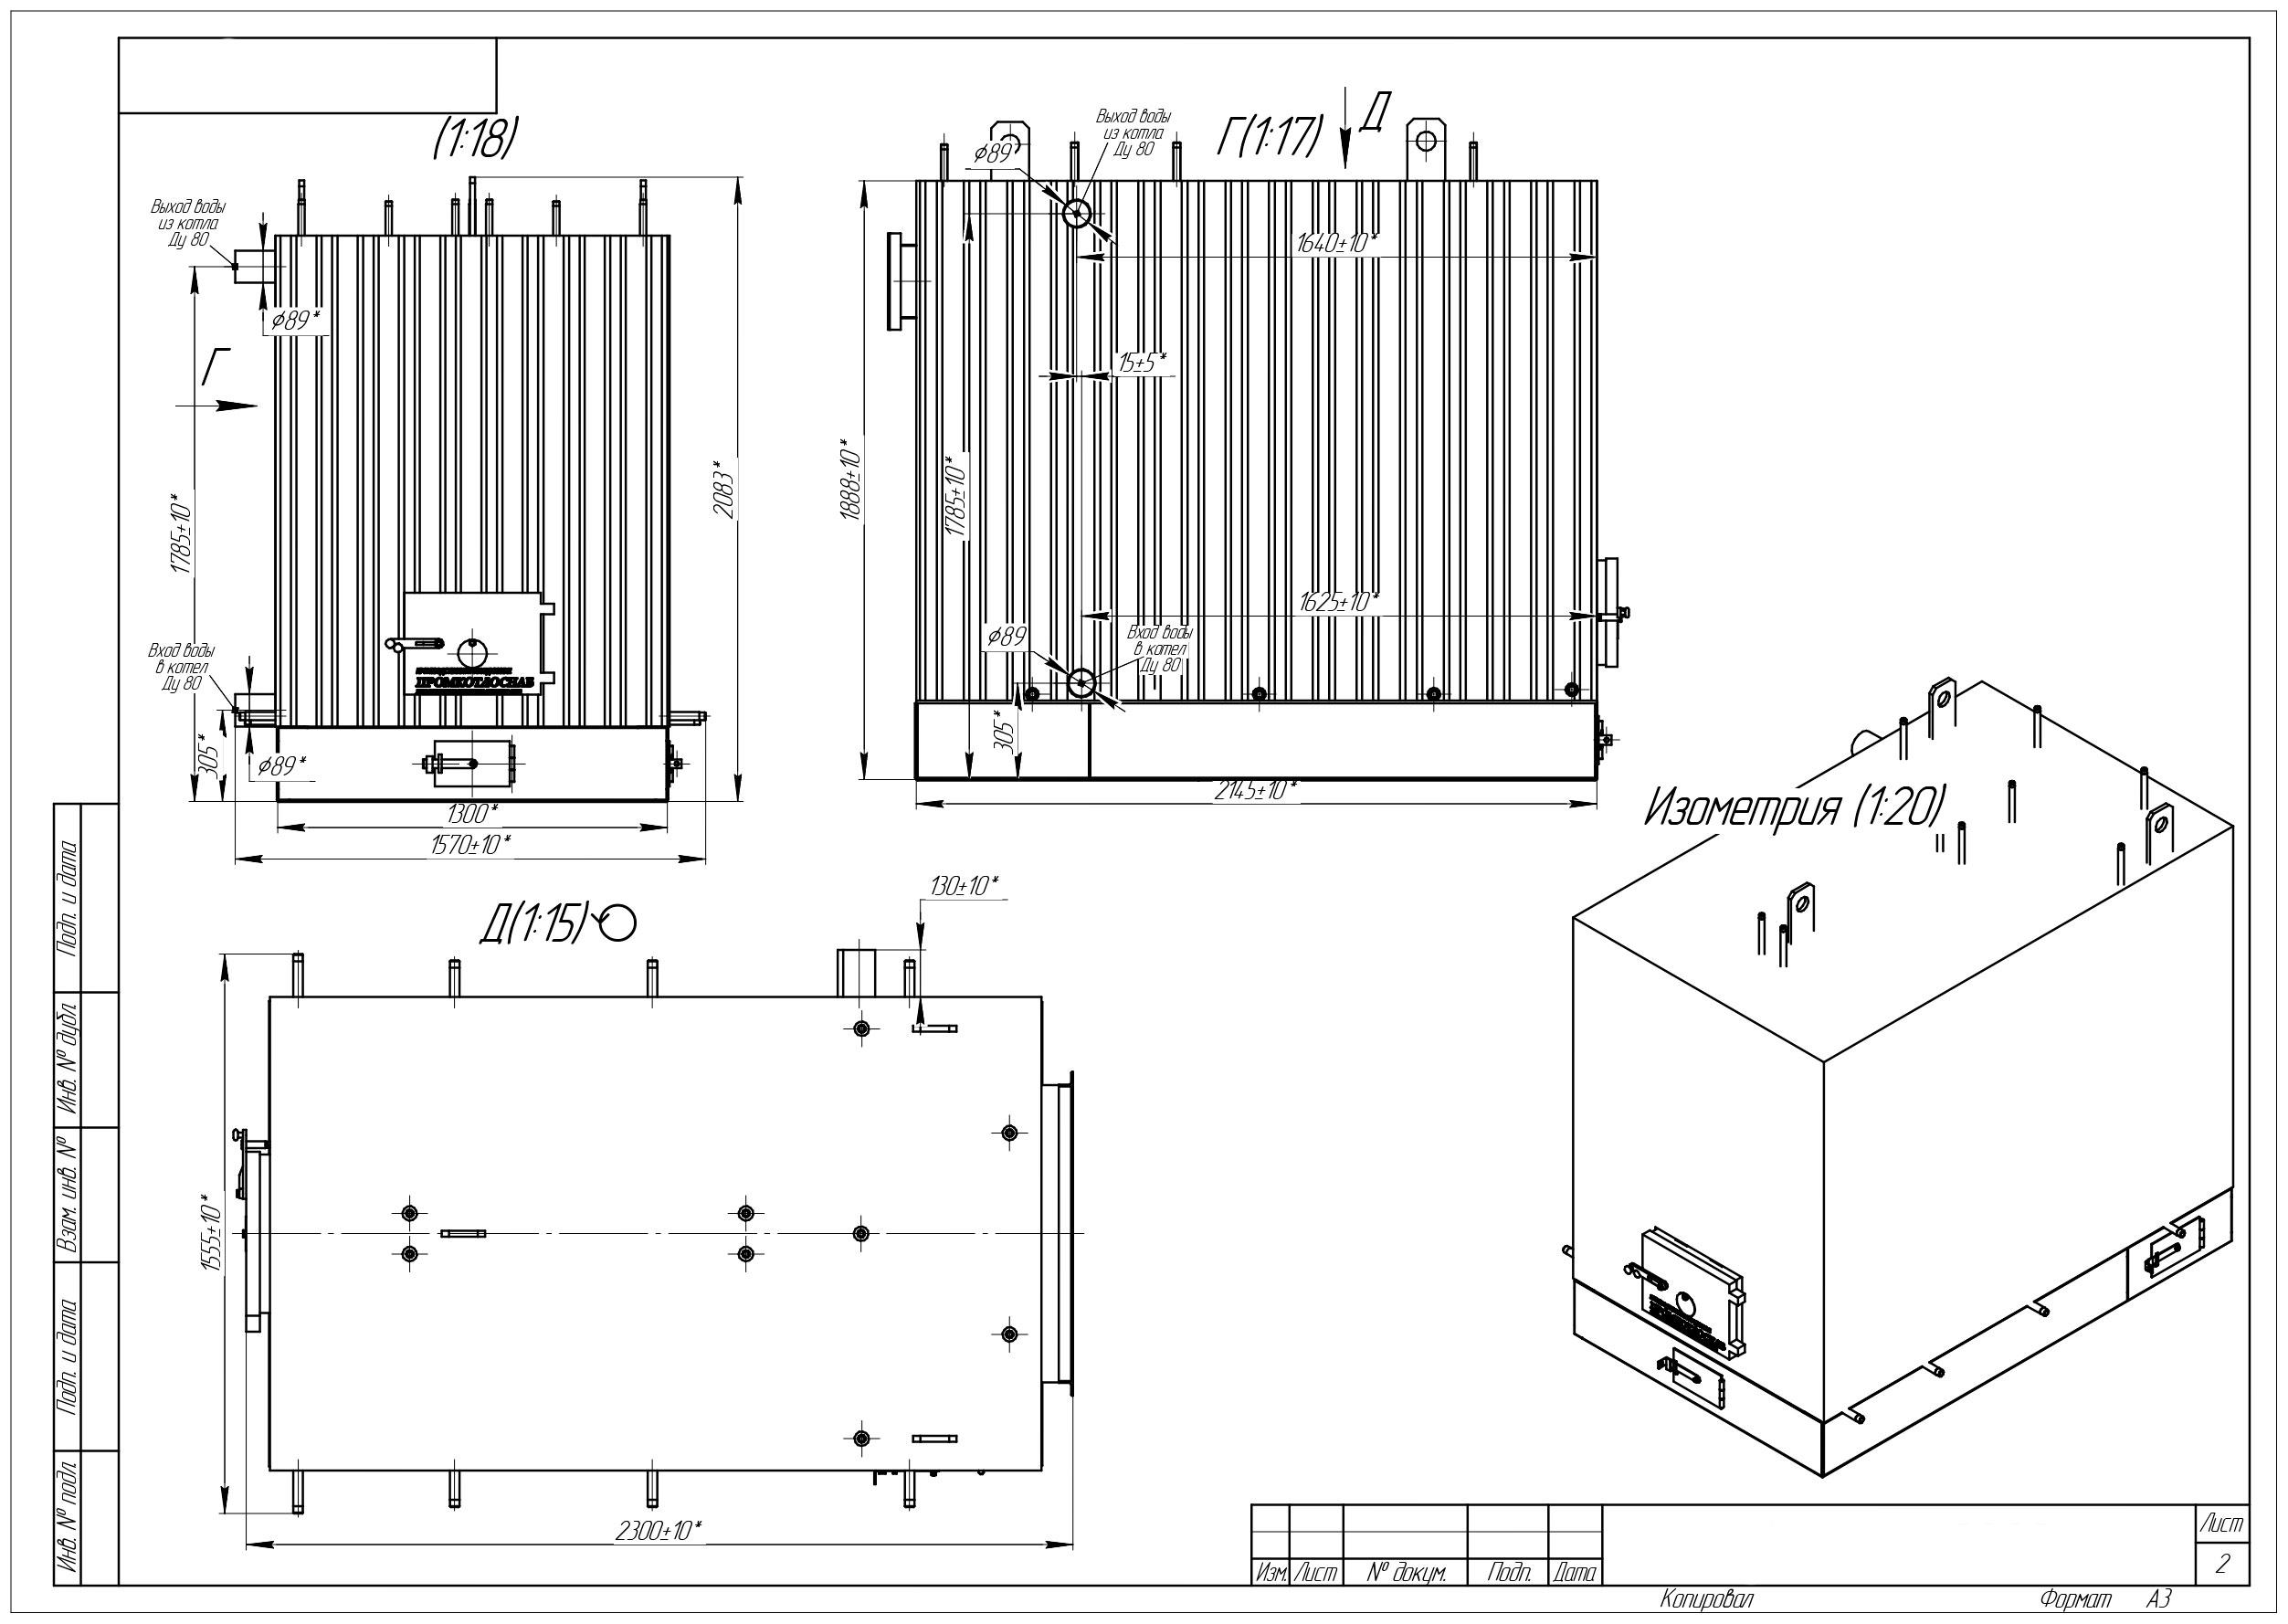 Котел КВр-0,63 (КВр-0,74). Характеристики и принцип работы